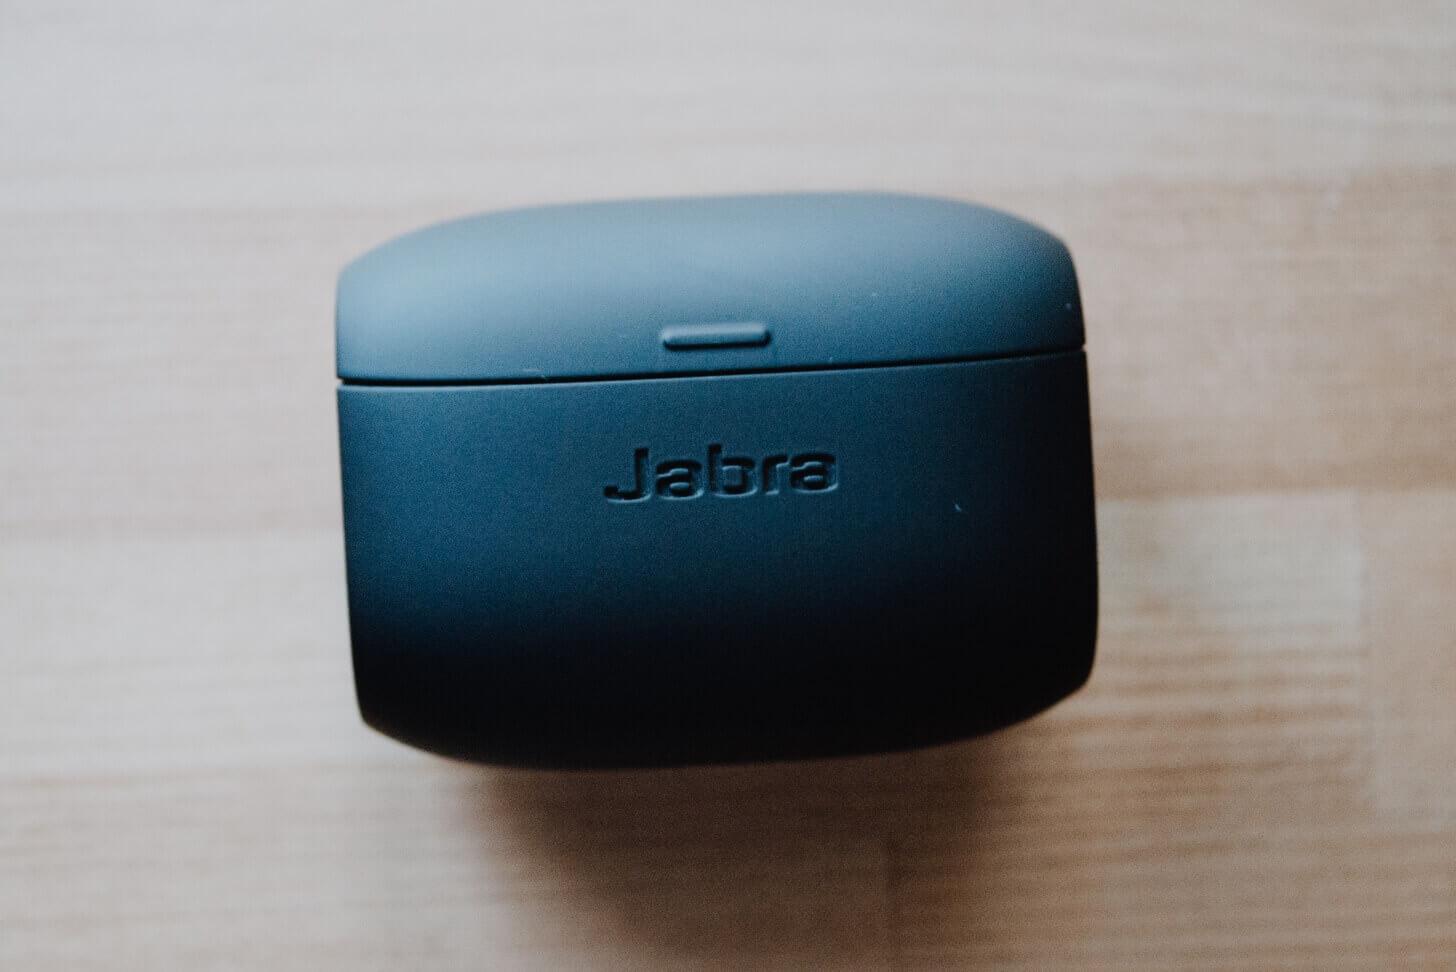 Jabra wireless earphone16